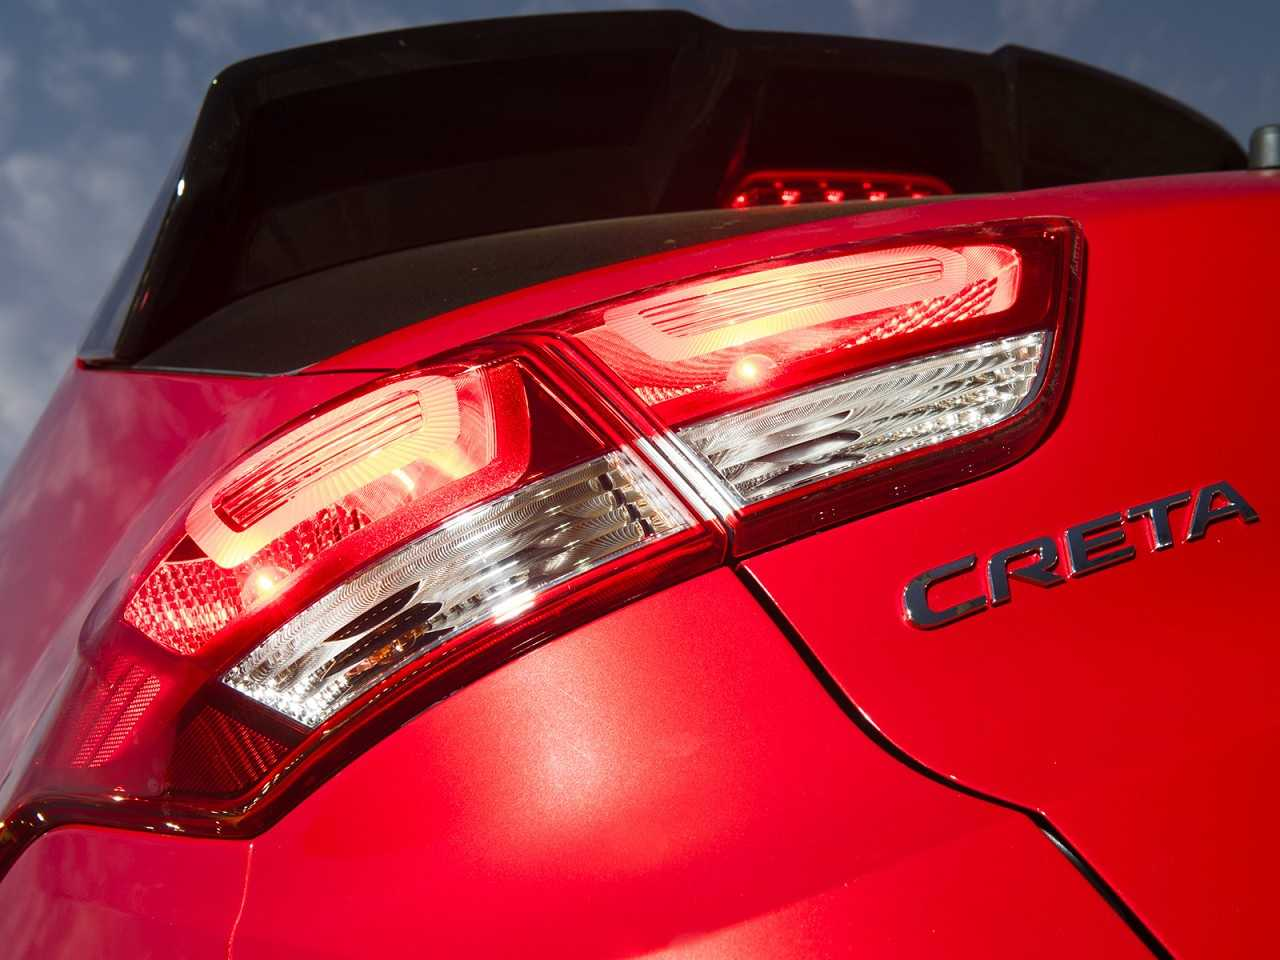 HyundaiCreta 2018 - lanternas